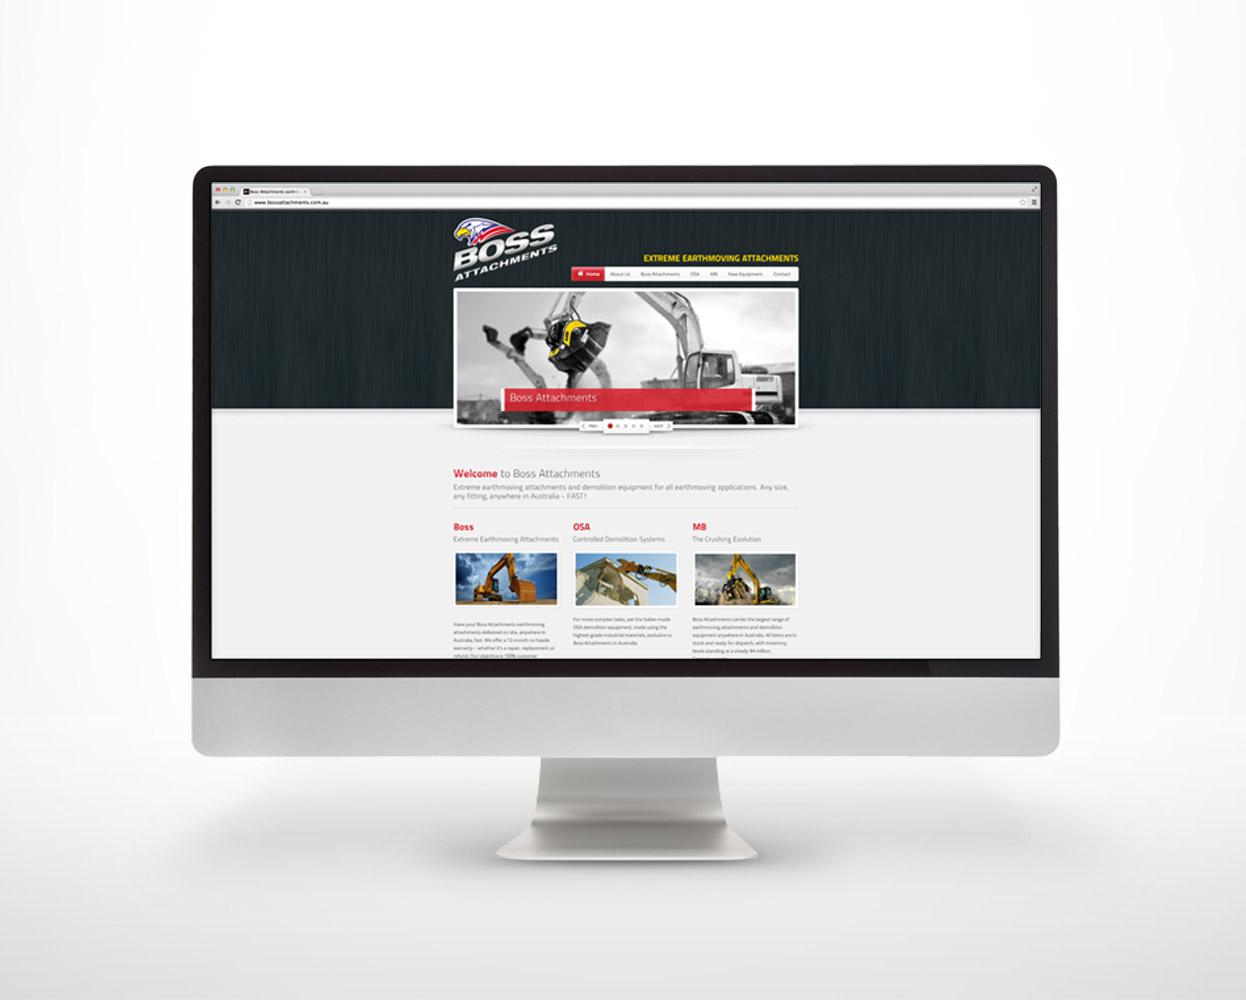 Boss_attachments_branding_website